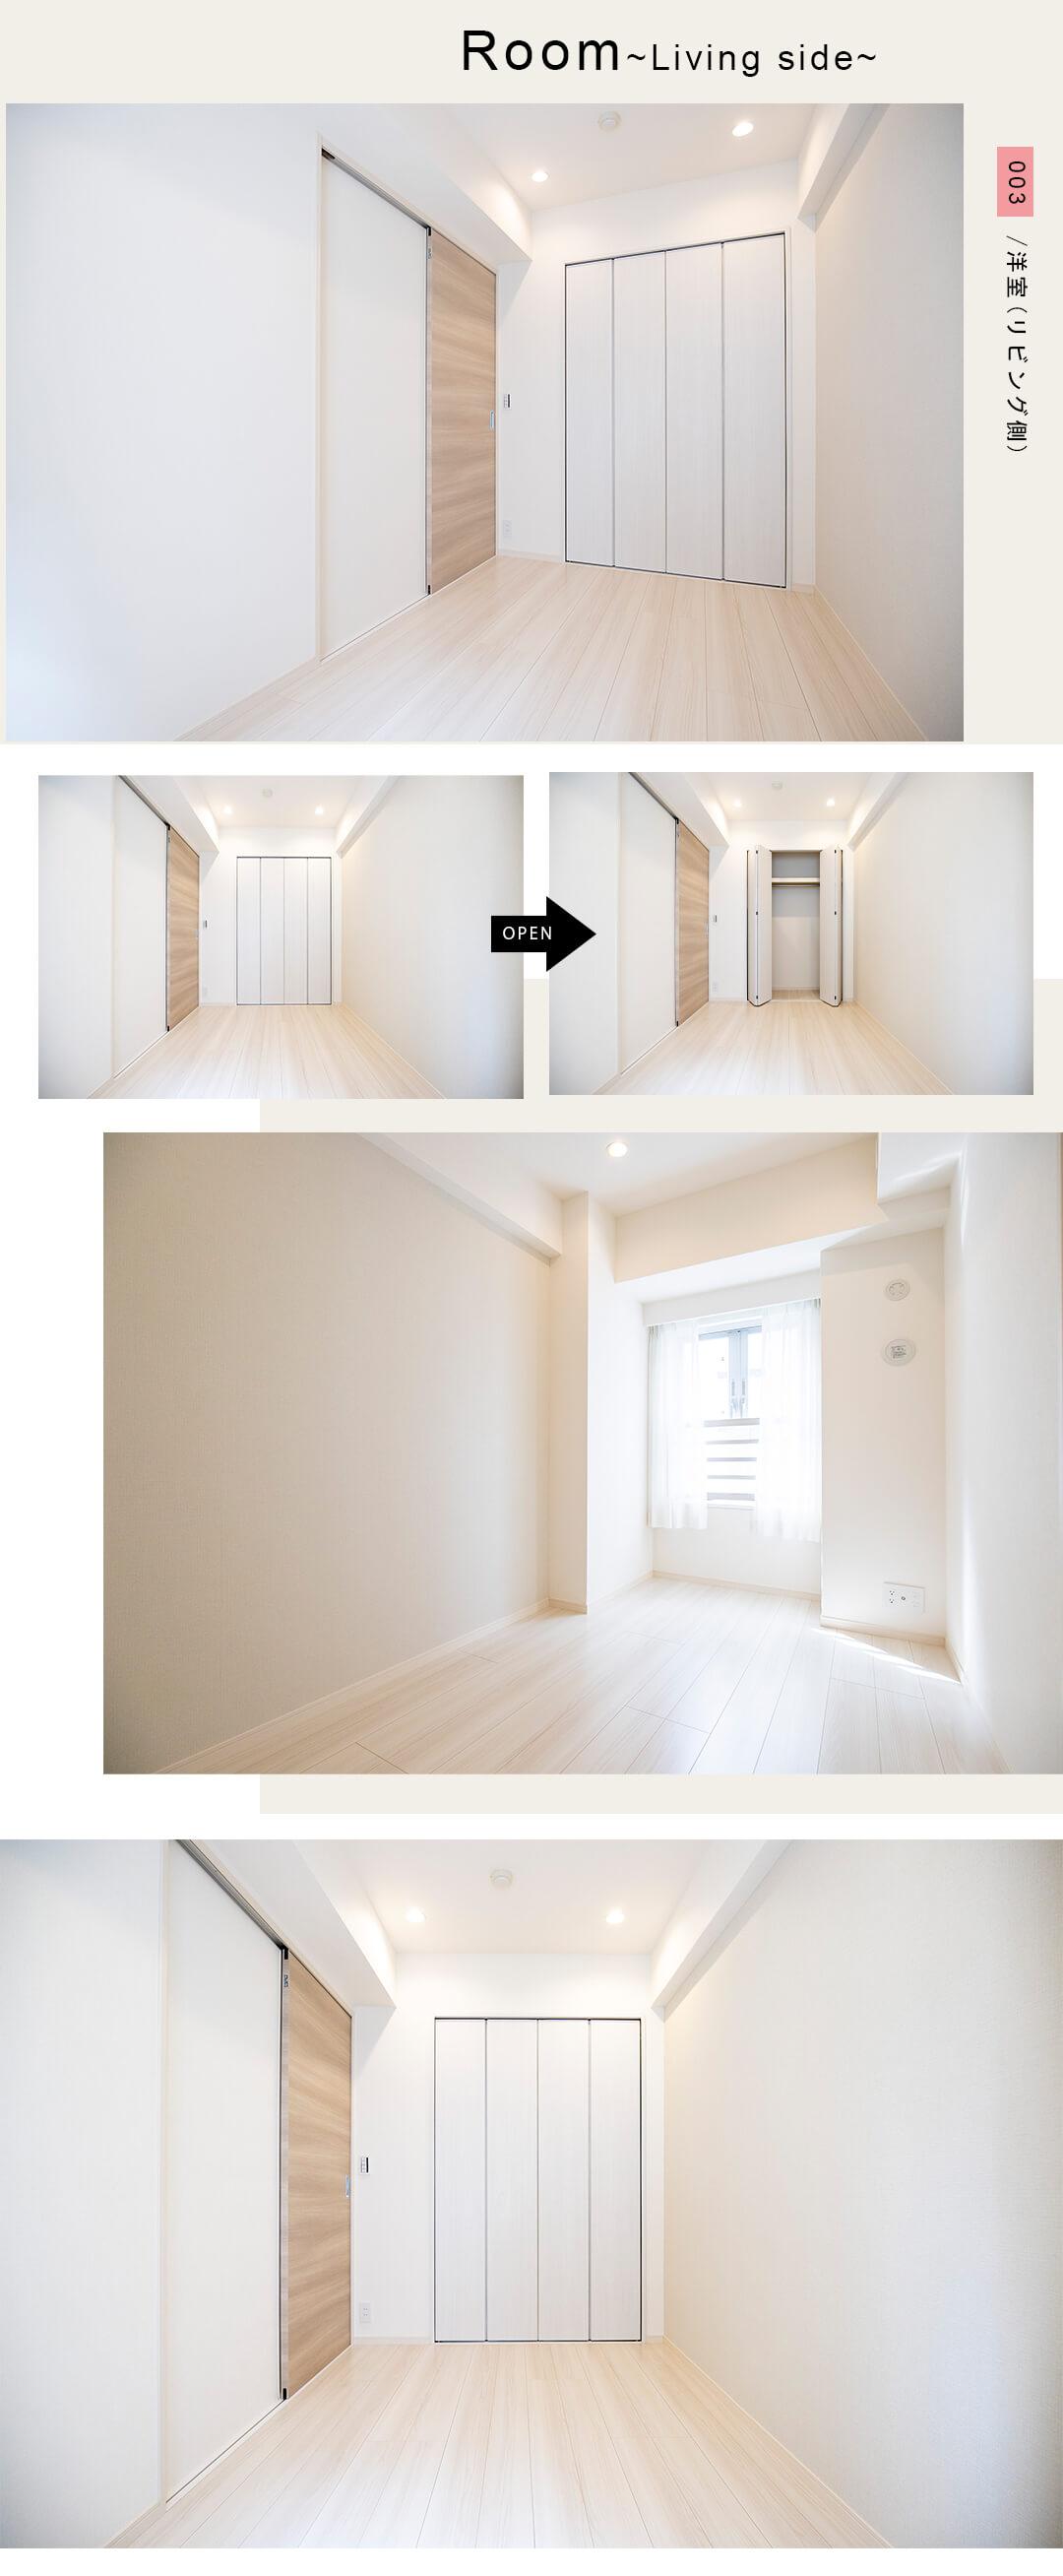 003洋室(リビング側),Room Living side